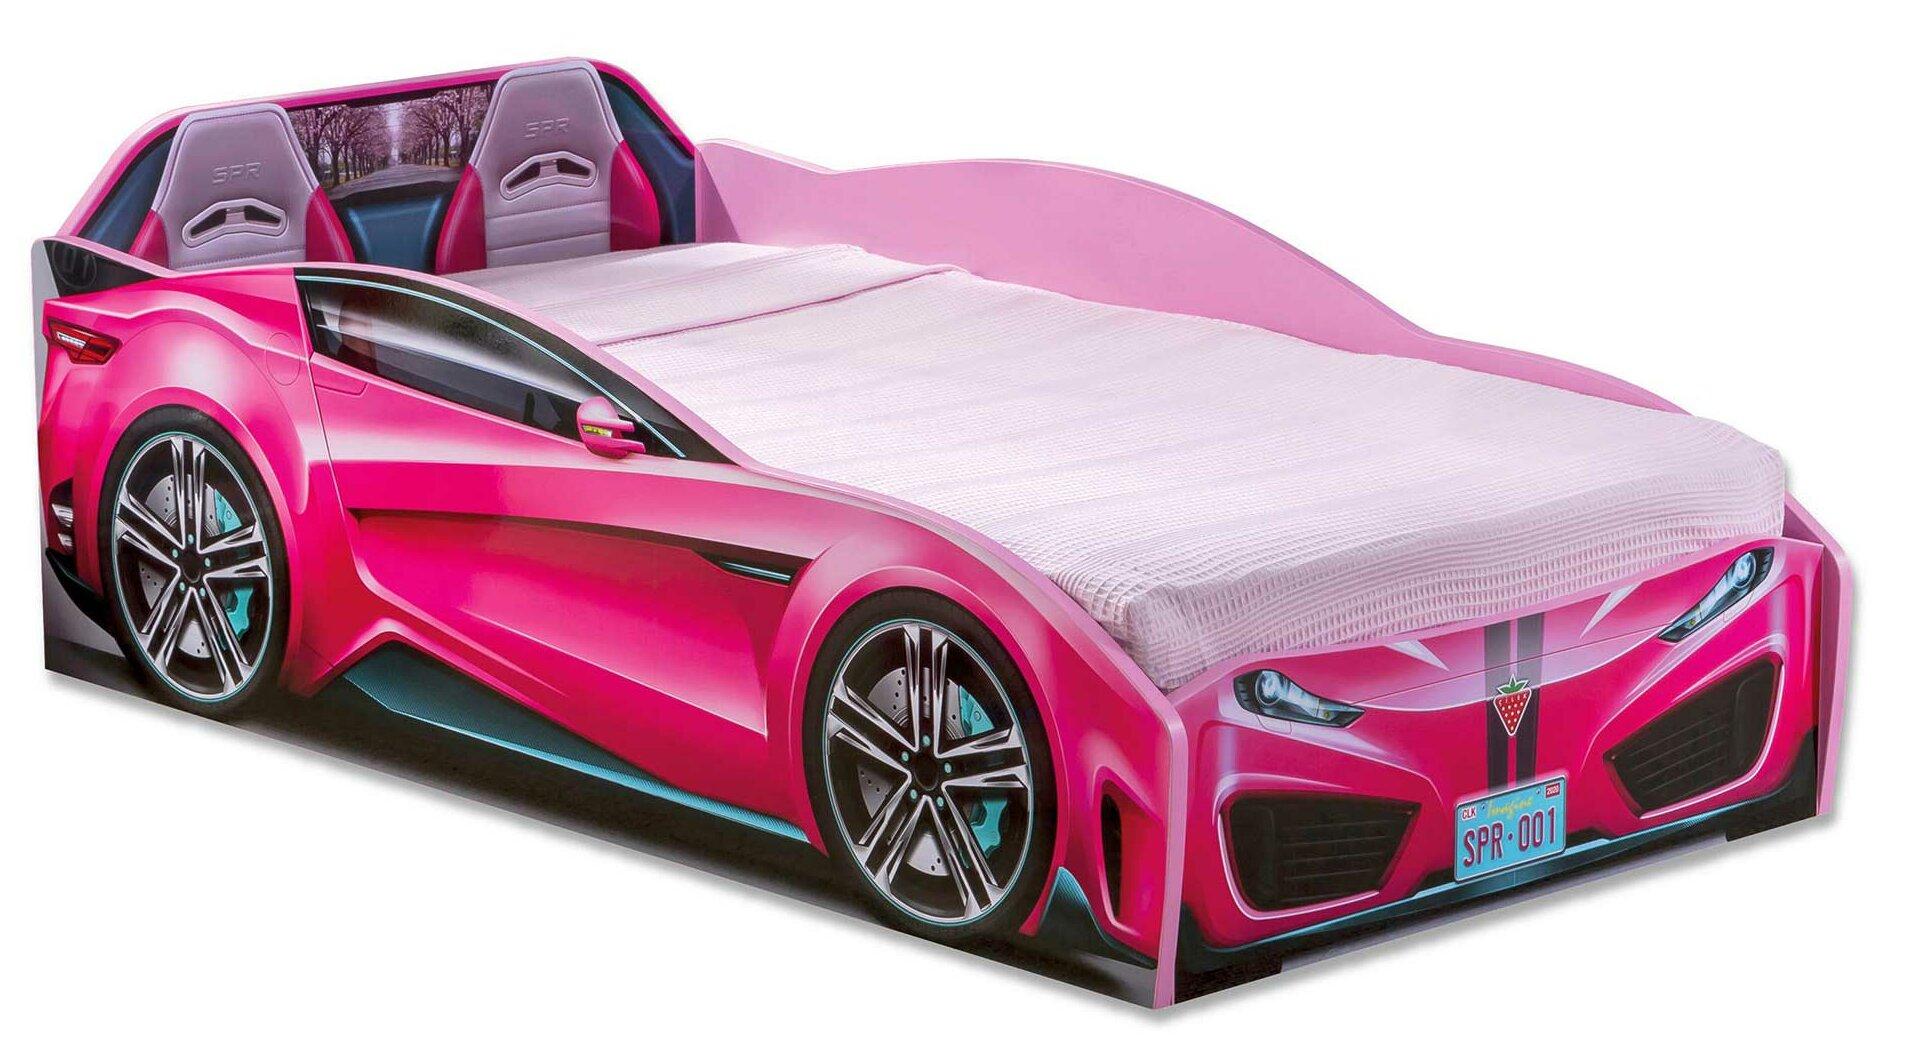 Zoomie Kids Kurtz Race Toddler Car Bed Reviews Wayfair